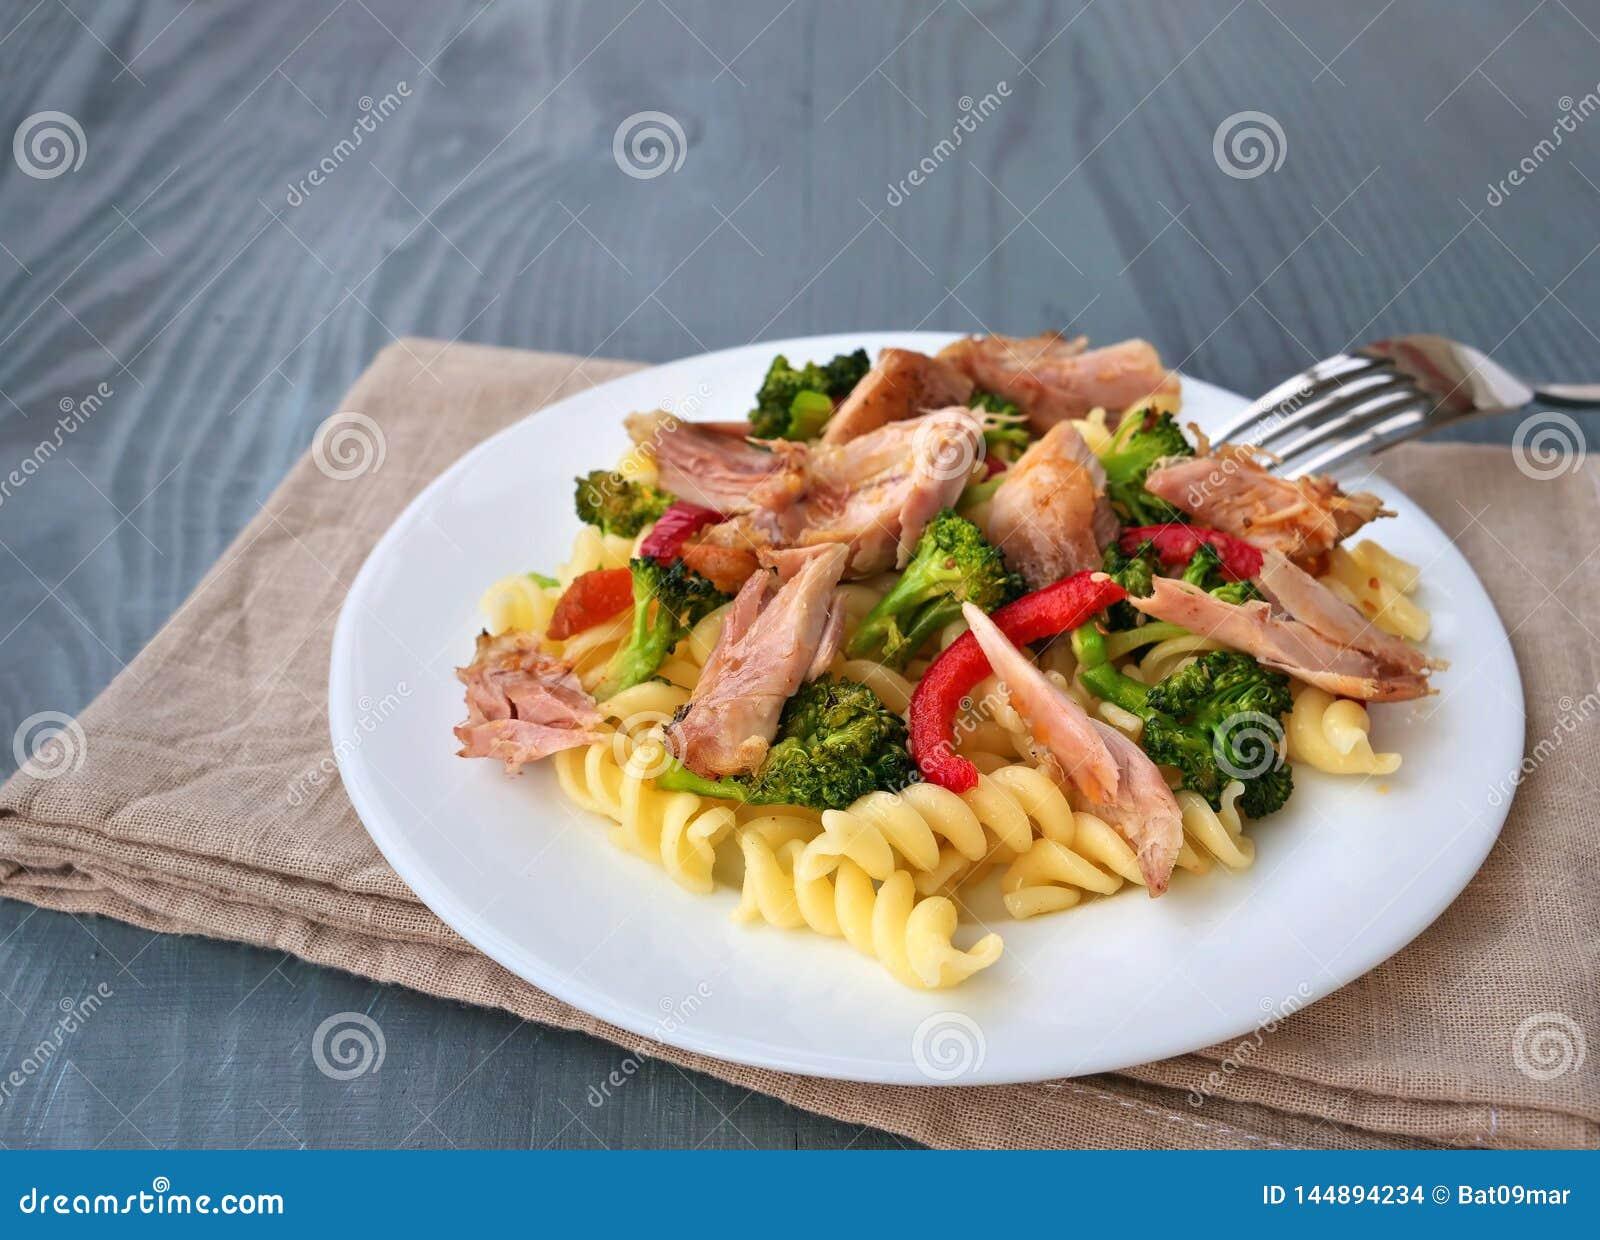 Fusillideegwaren met getrokken kippenvlees, broccoli en groenten op witte plaat